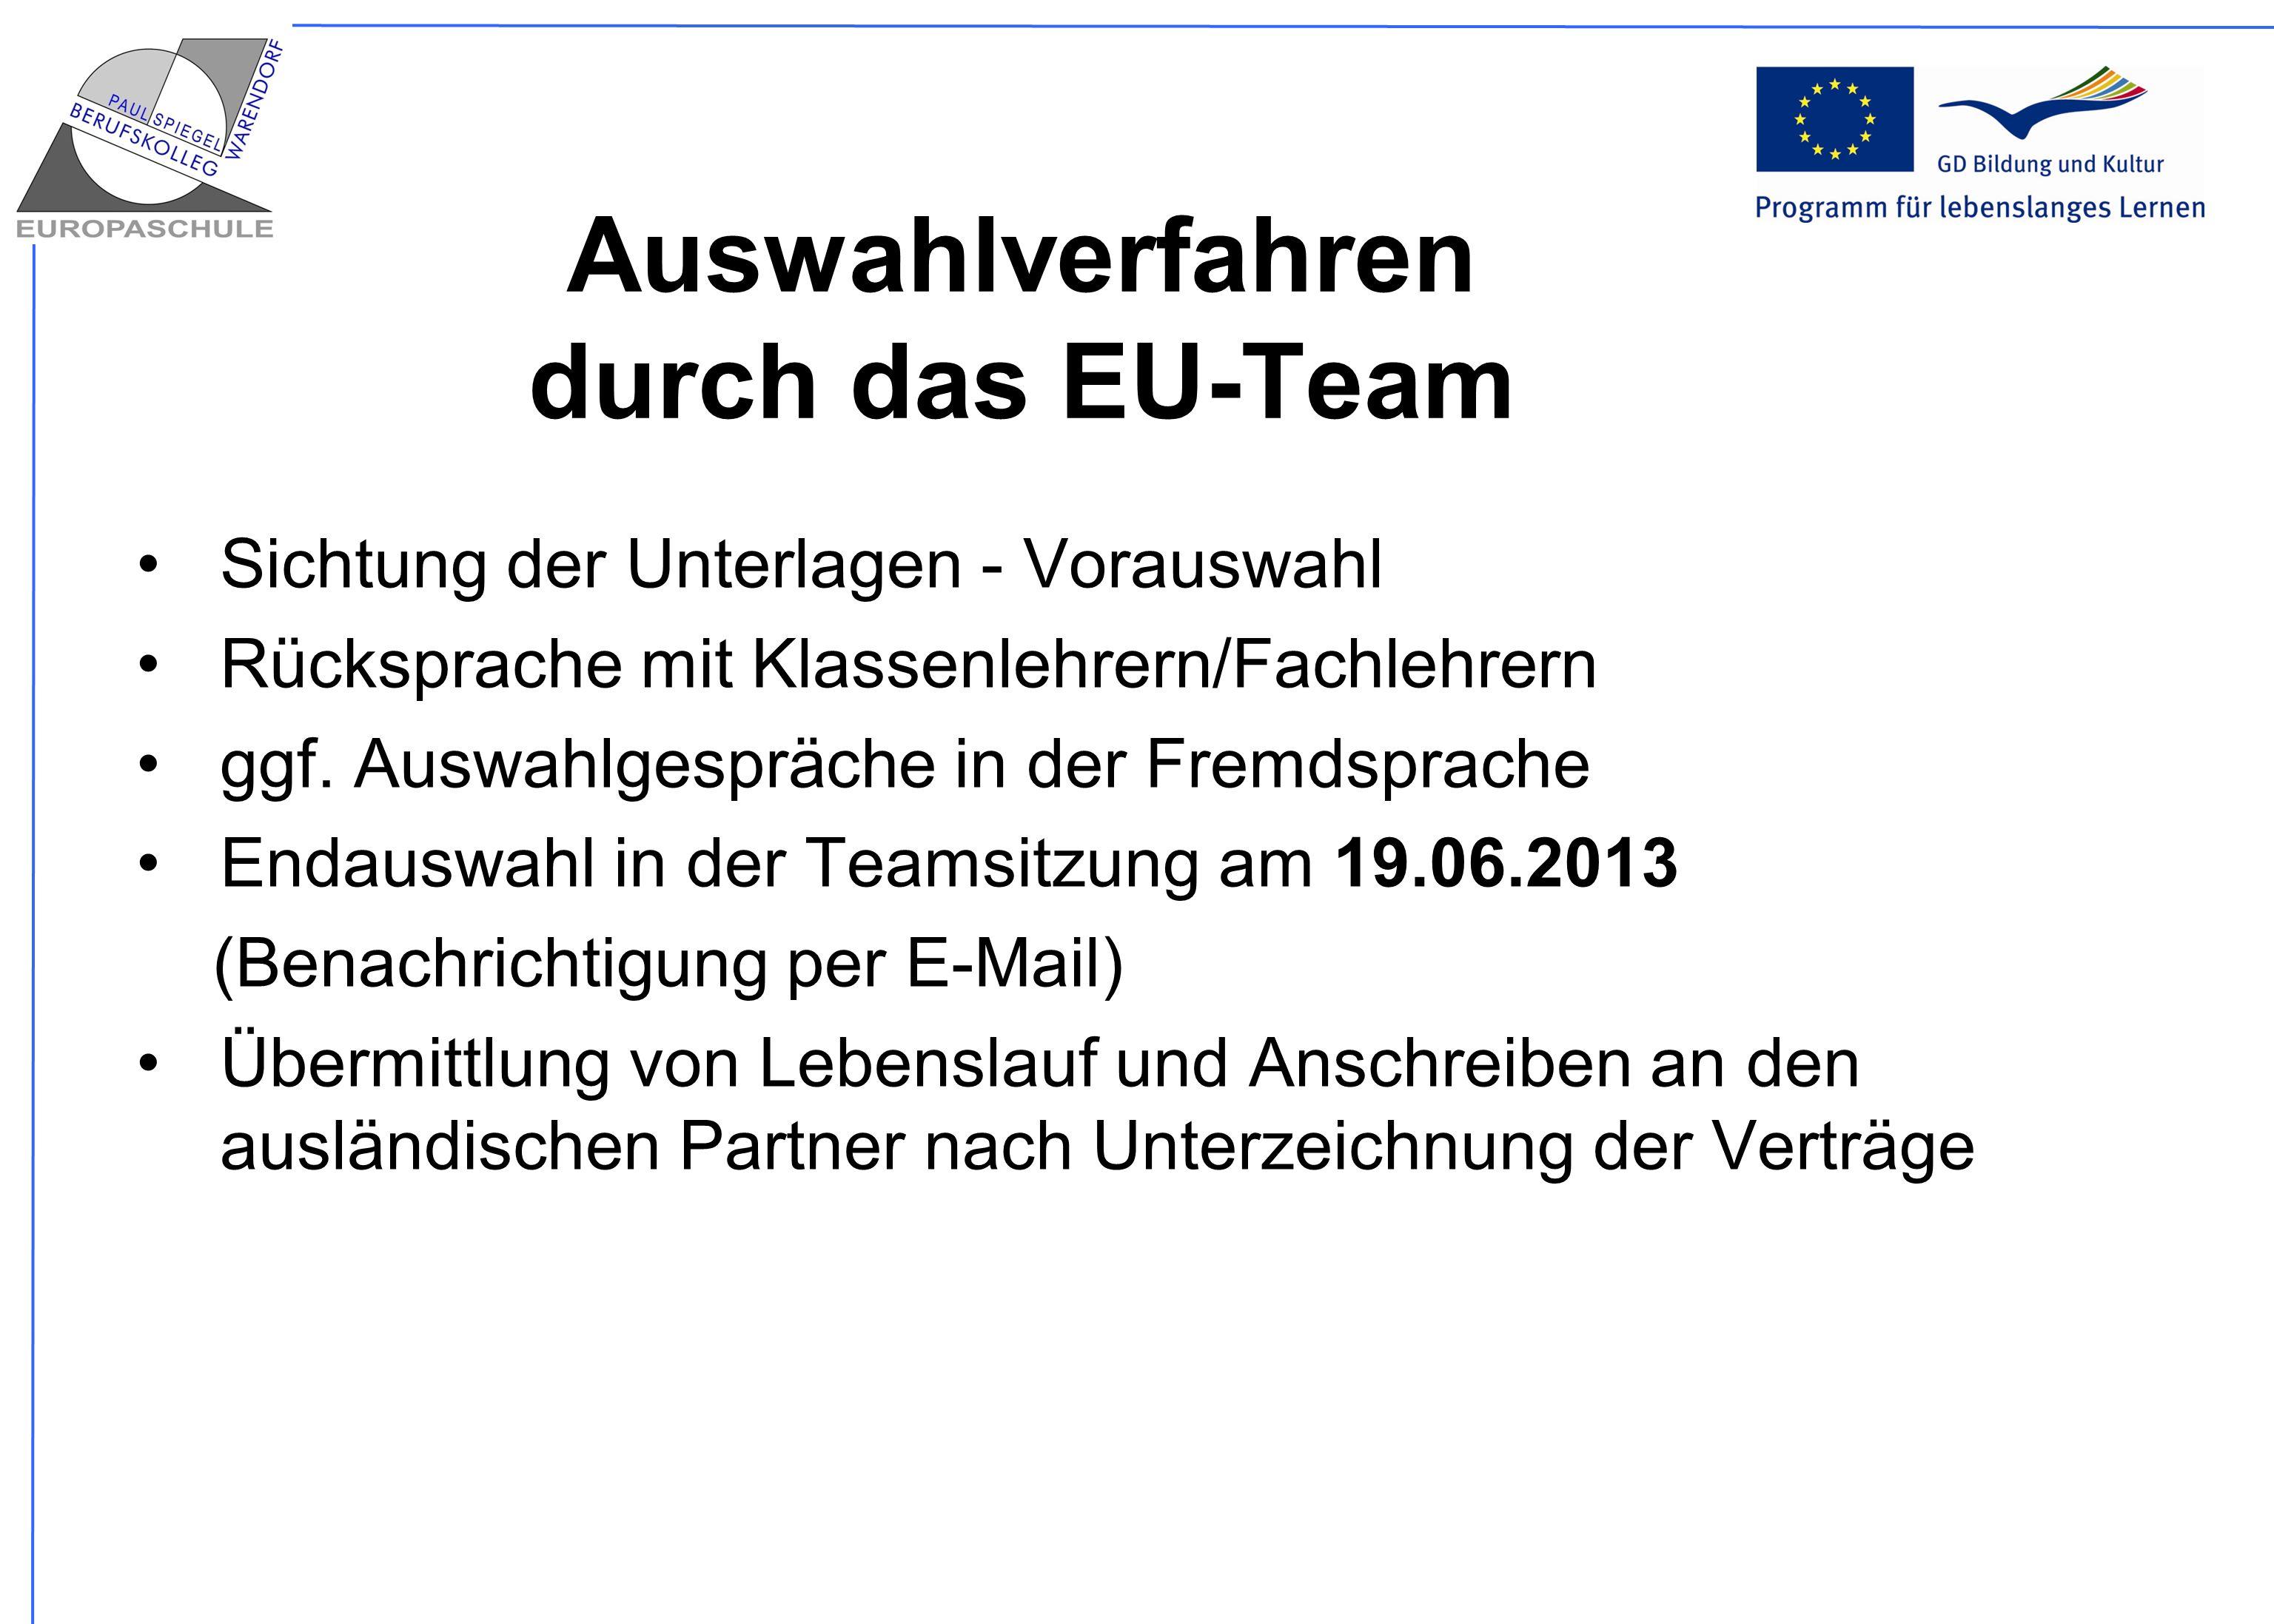 Auswahlverfahren durch das EU-Team